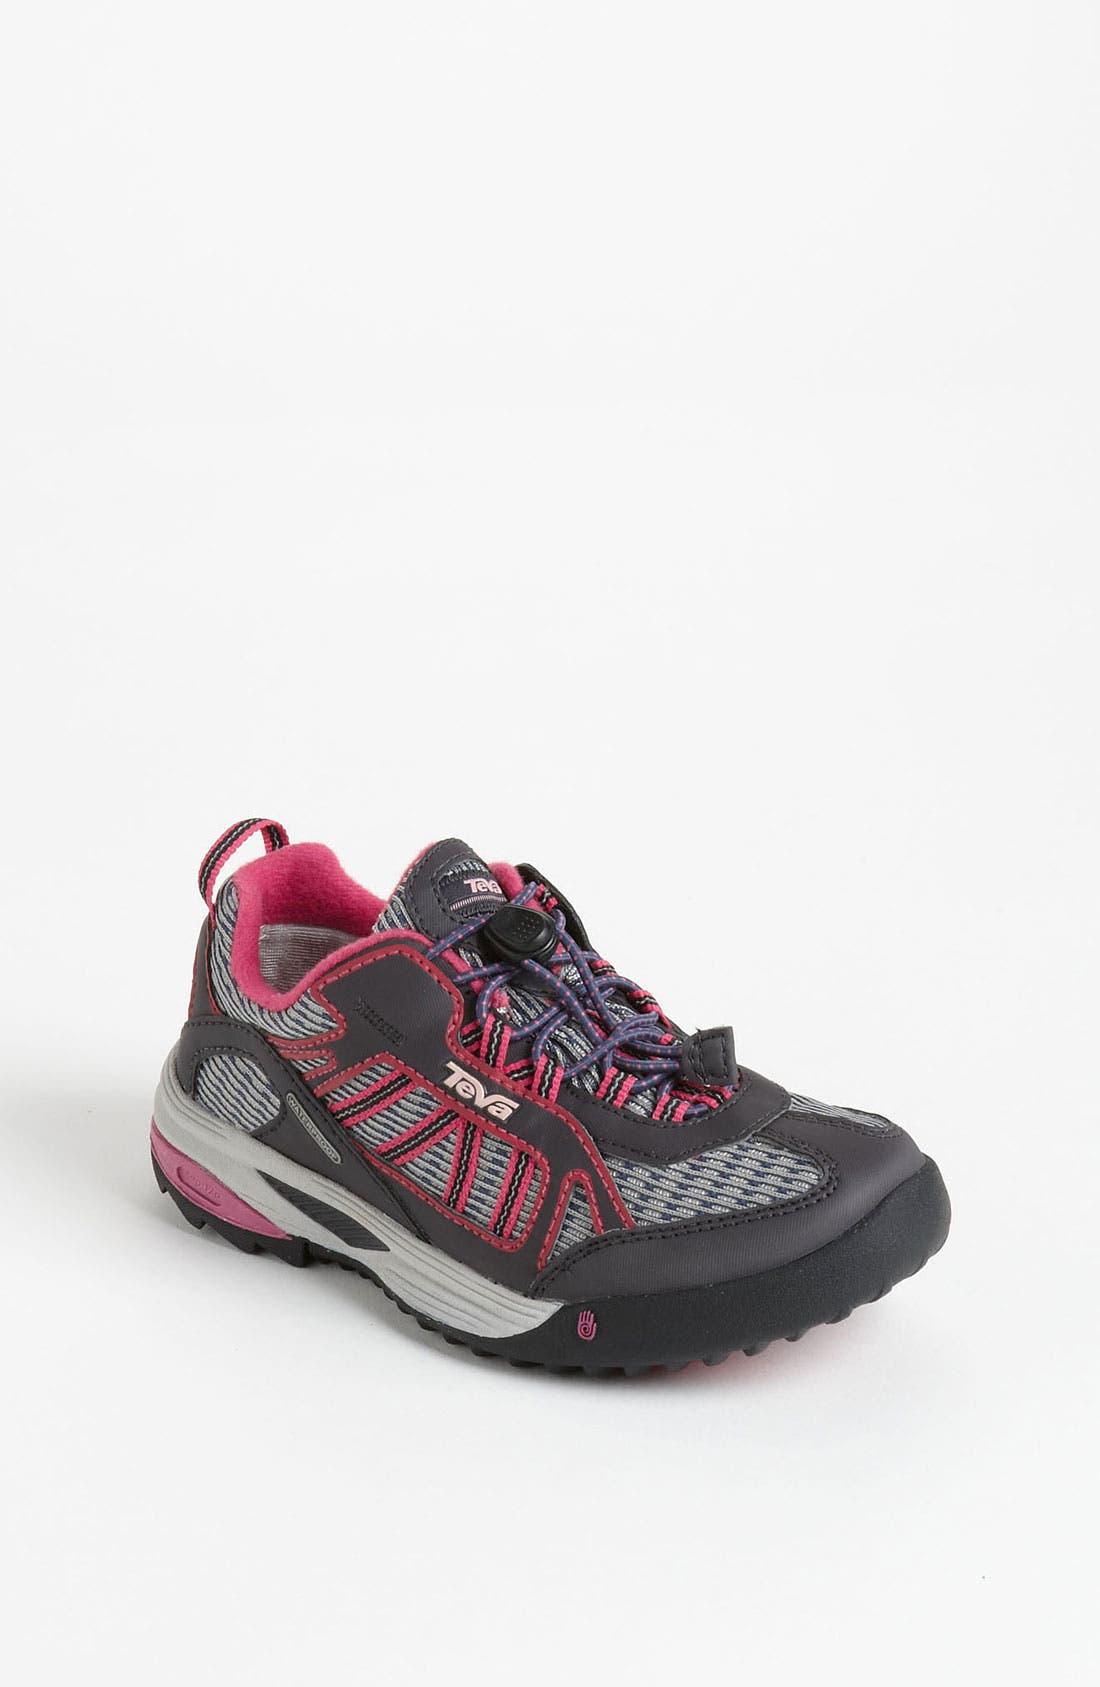 Main Image - Teva 'Charge' Waterproof Sneaker (Toddler & Little Kid)